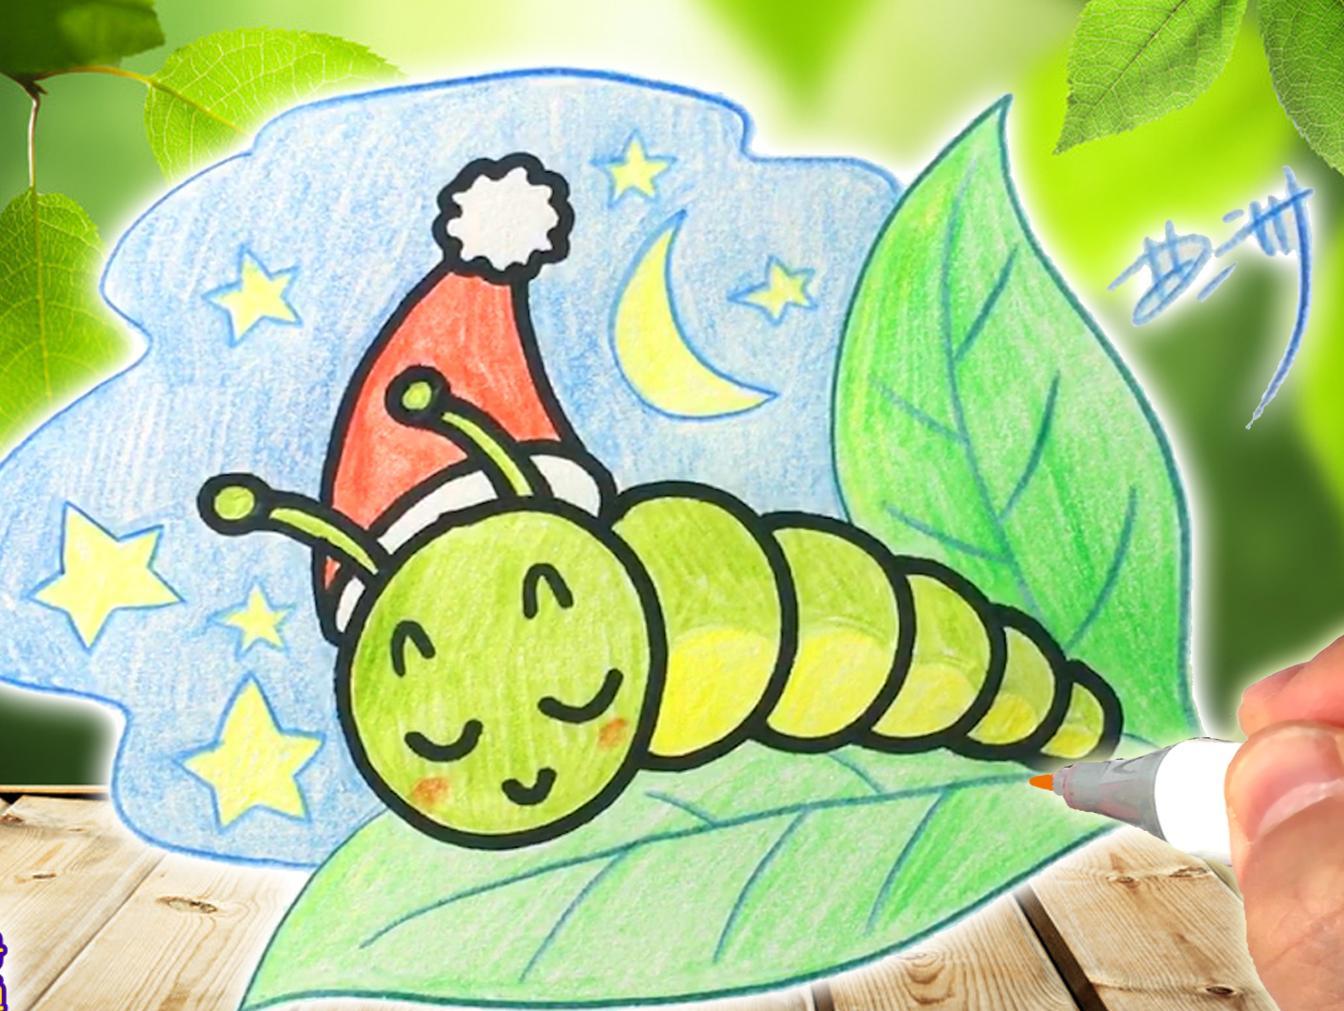 曲洲老师画卡通:手绘少儿简笔画—毛毛虫图片